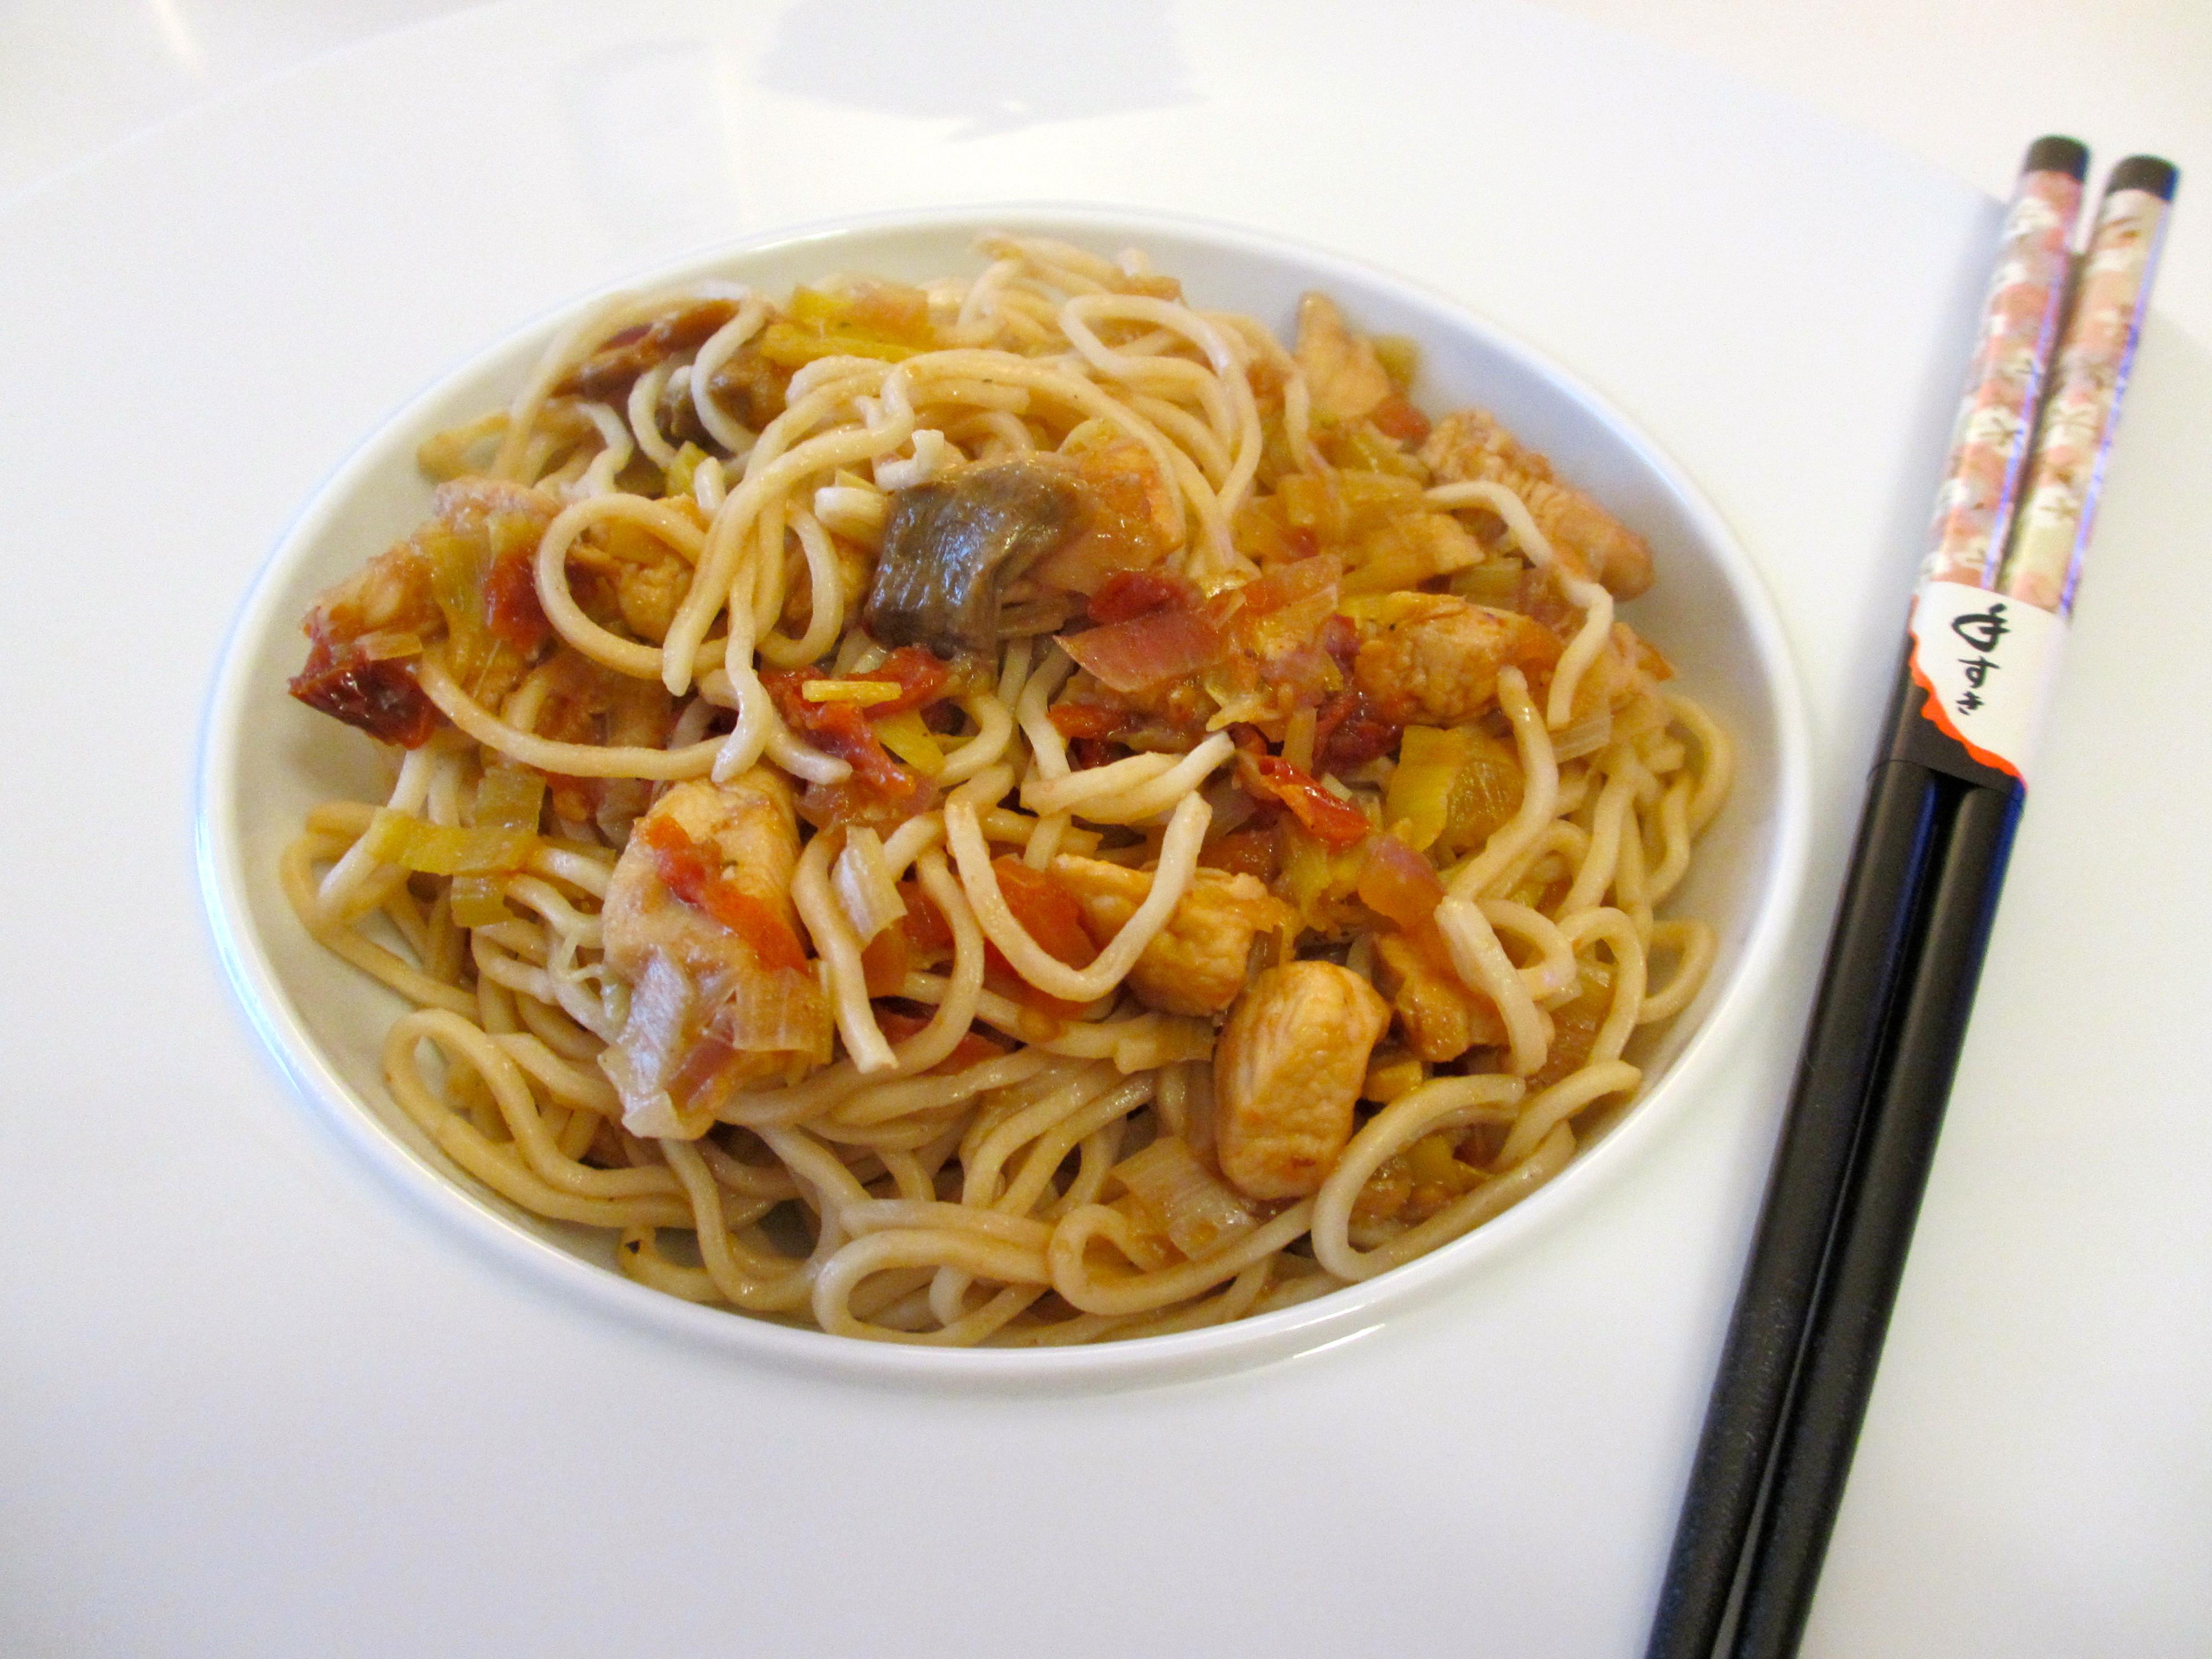 nouilles chinoises poulet poireaux diet d lices recettes diet tiques. Black Bedroom Furniture Sets. Home Design Ideas